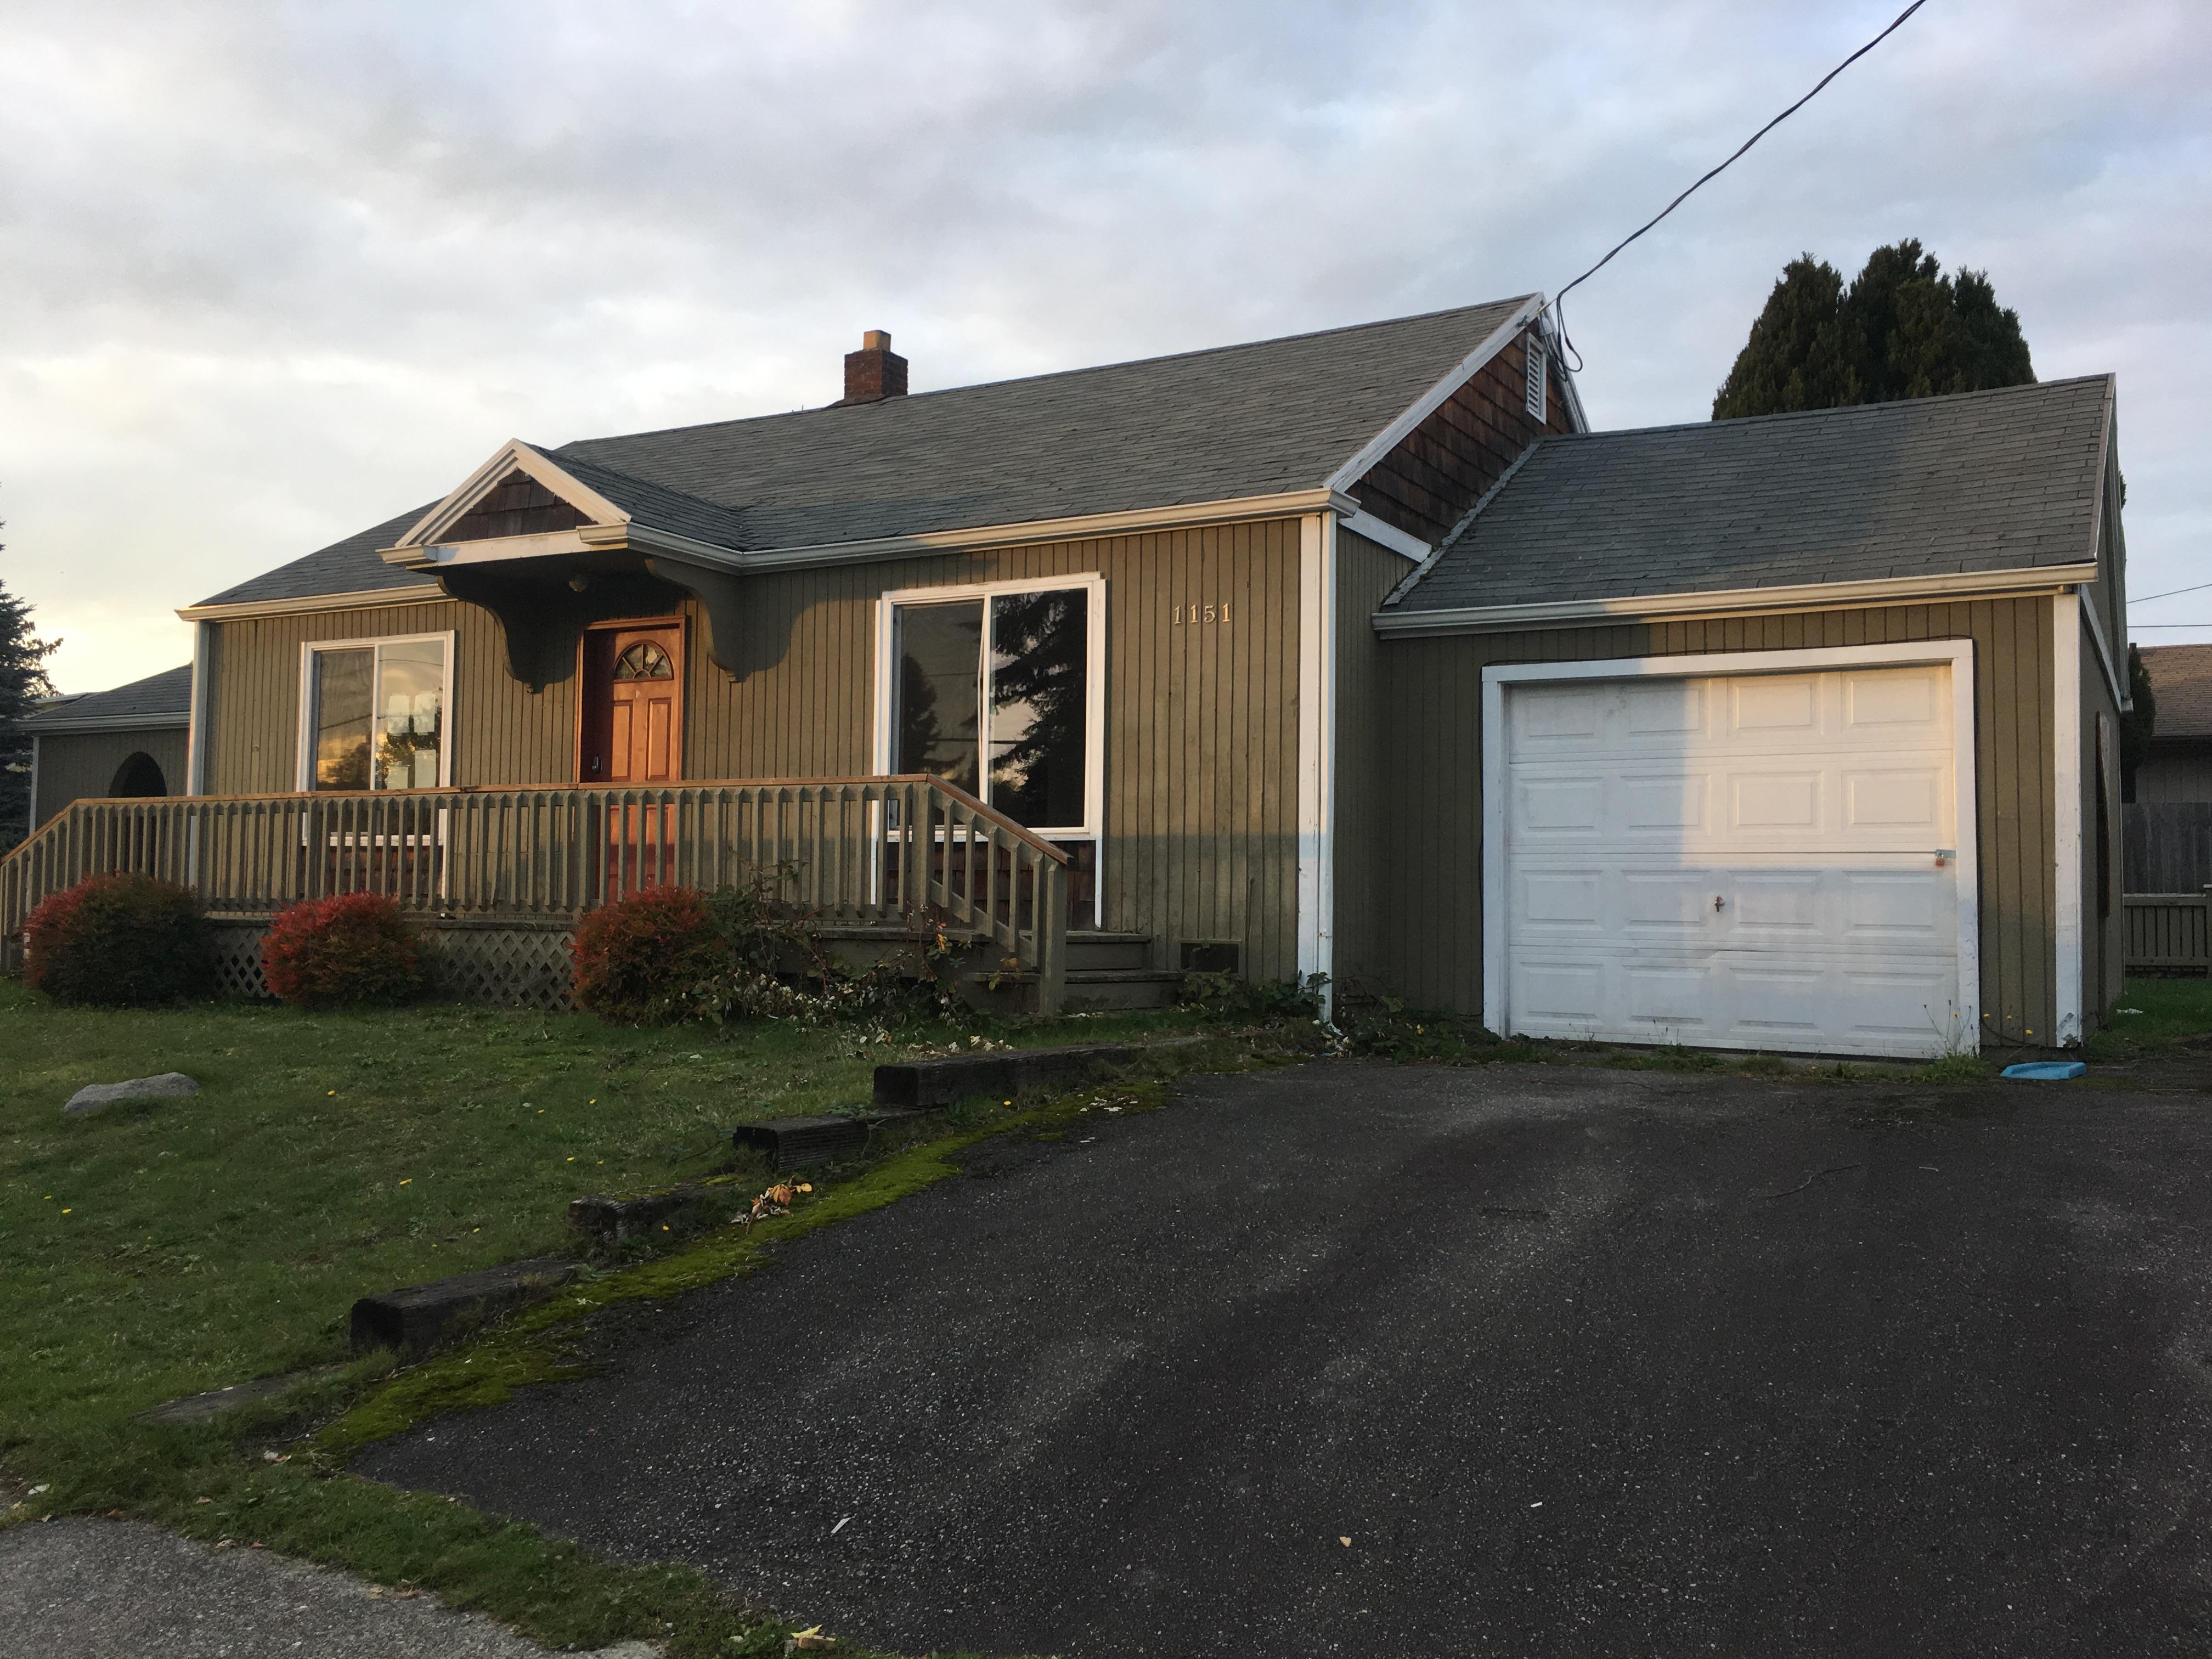 Photo of 1151 E 38th St  Tacoma  WA